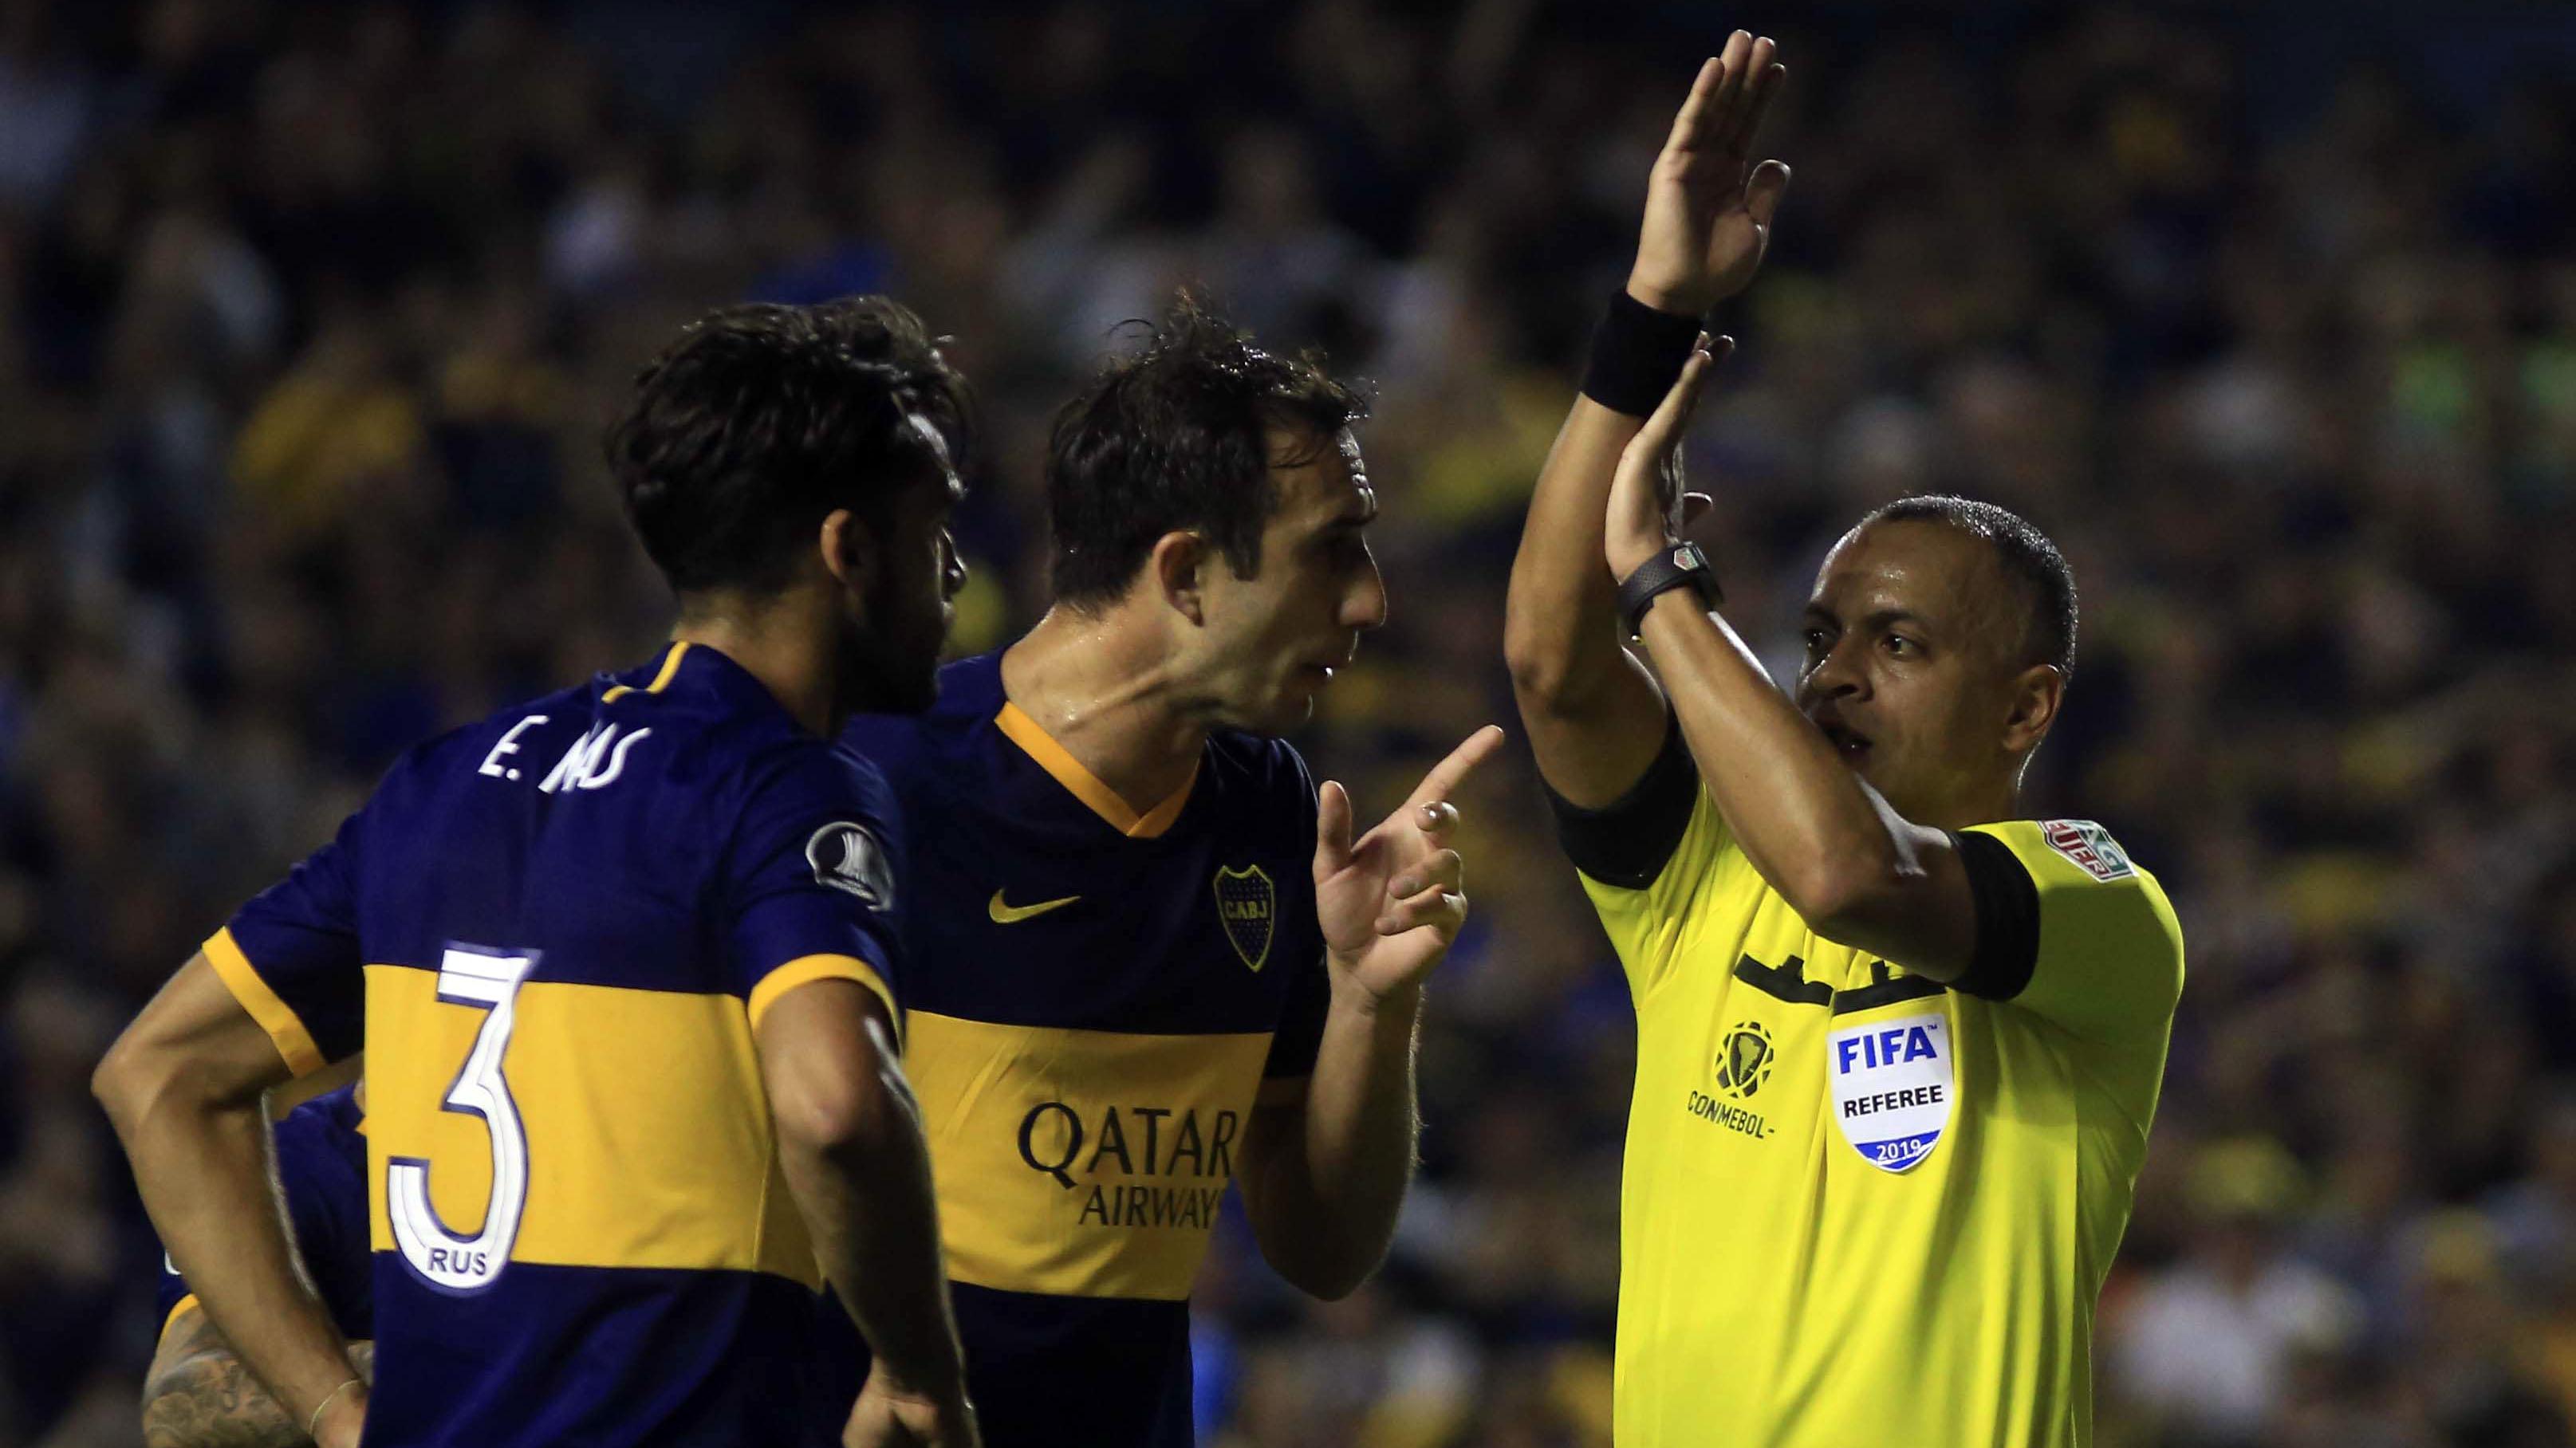 Pese a las protestas de los jugadores de Boca, el árbitro brasileño fue firme en su decisión e invalidó el gol